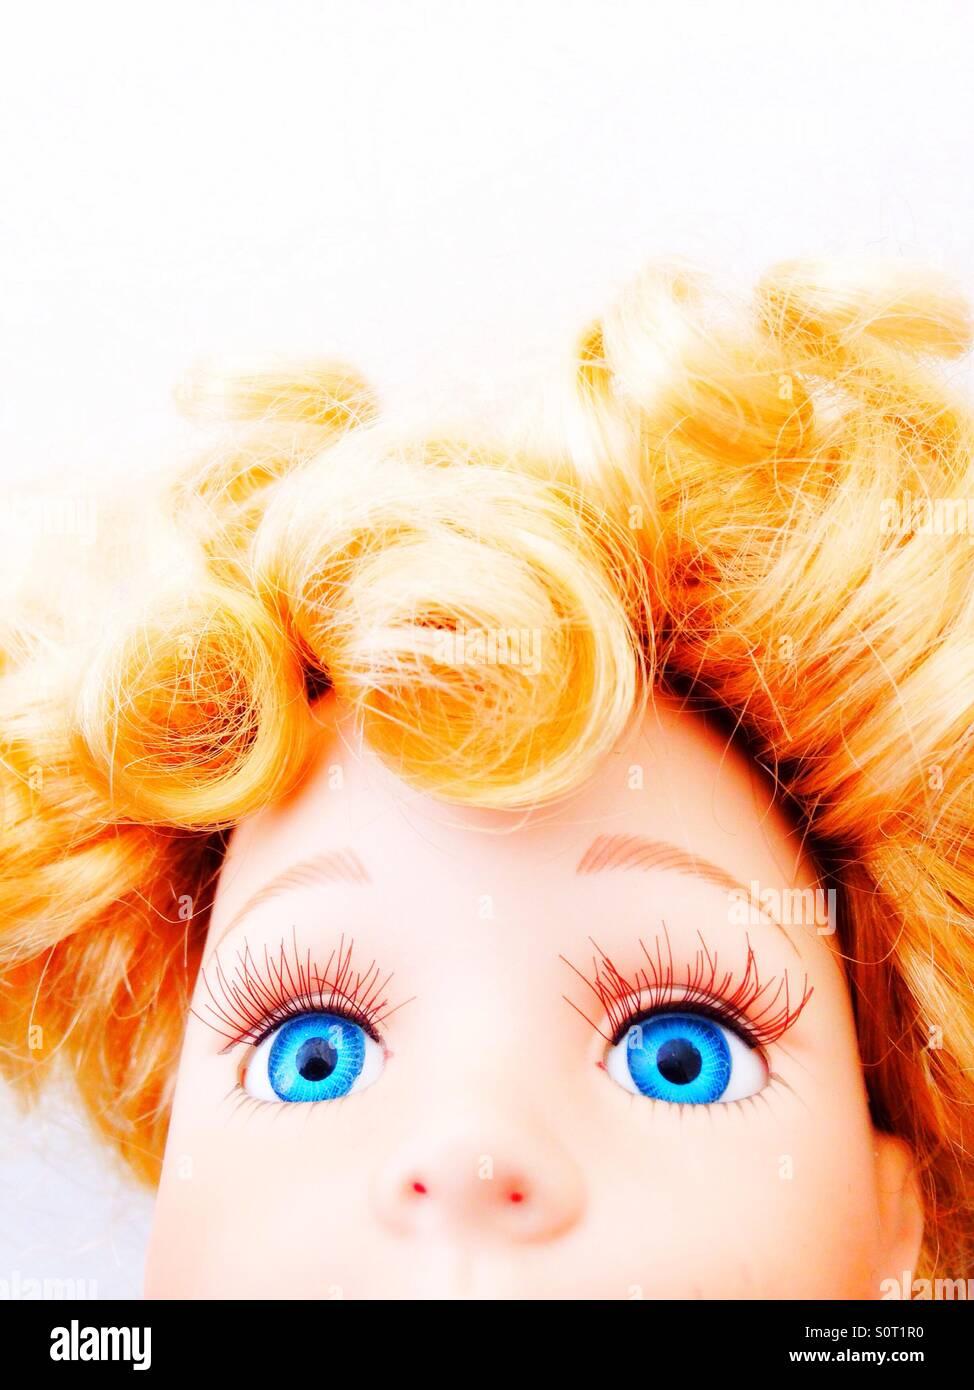 Una chiusura di una bambola enormi occhi blu. Immagini Stock